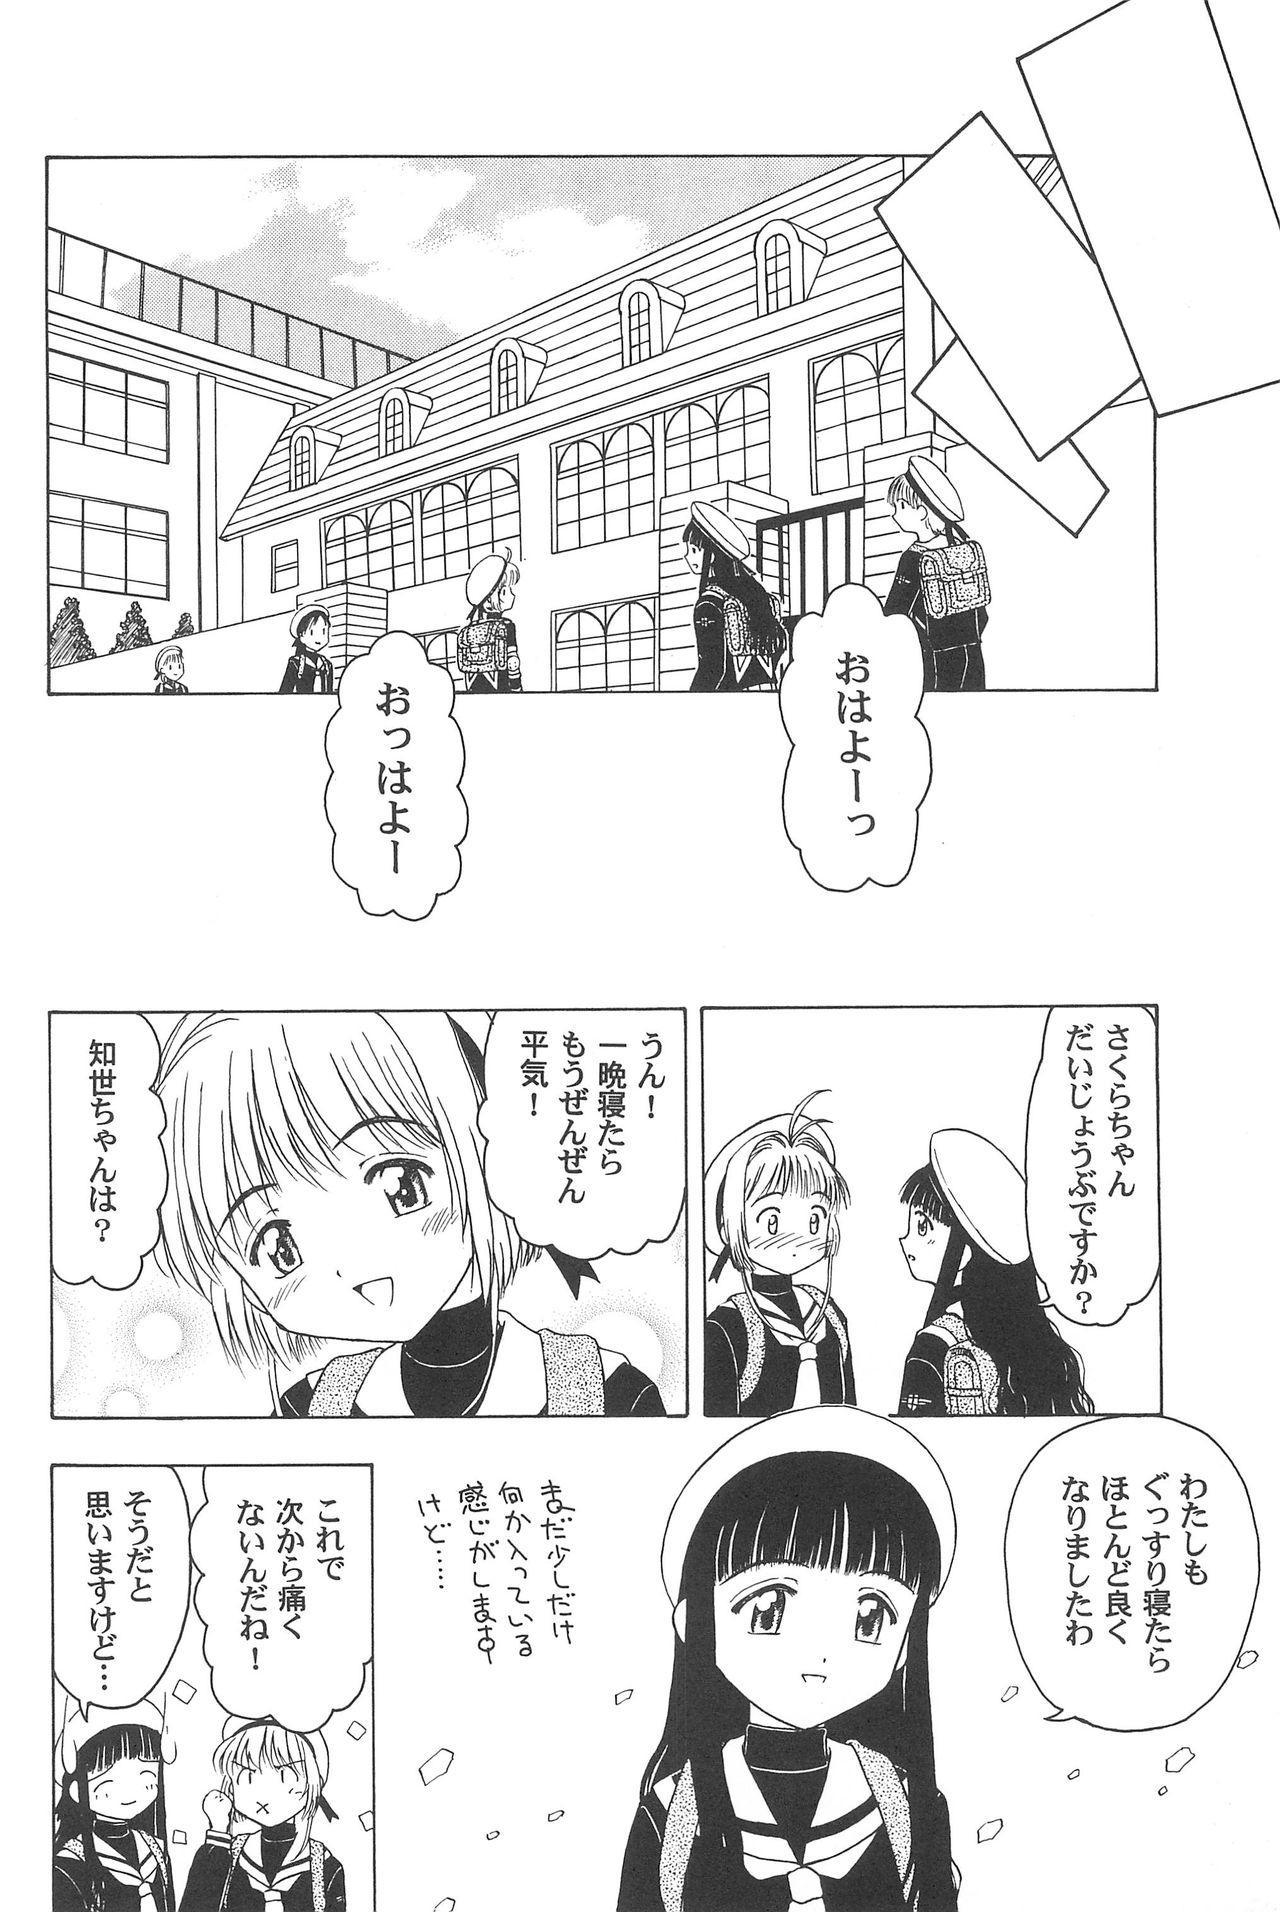 Sakura to Tomoyo ALL OF INTERCOURSE Jou 38